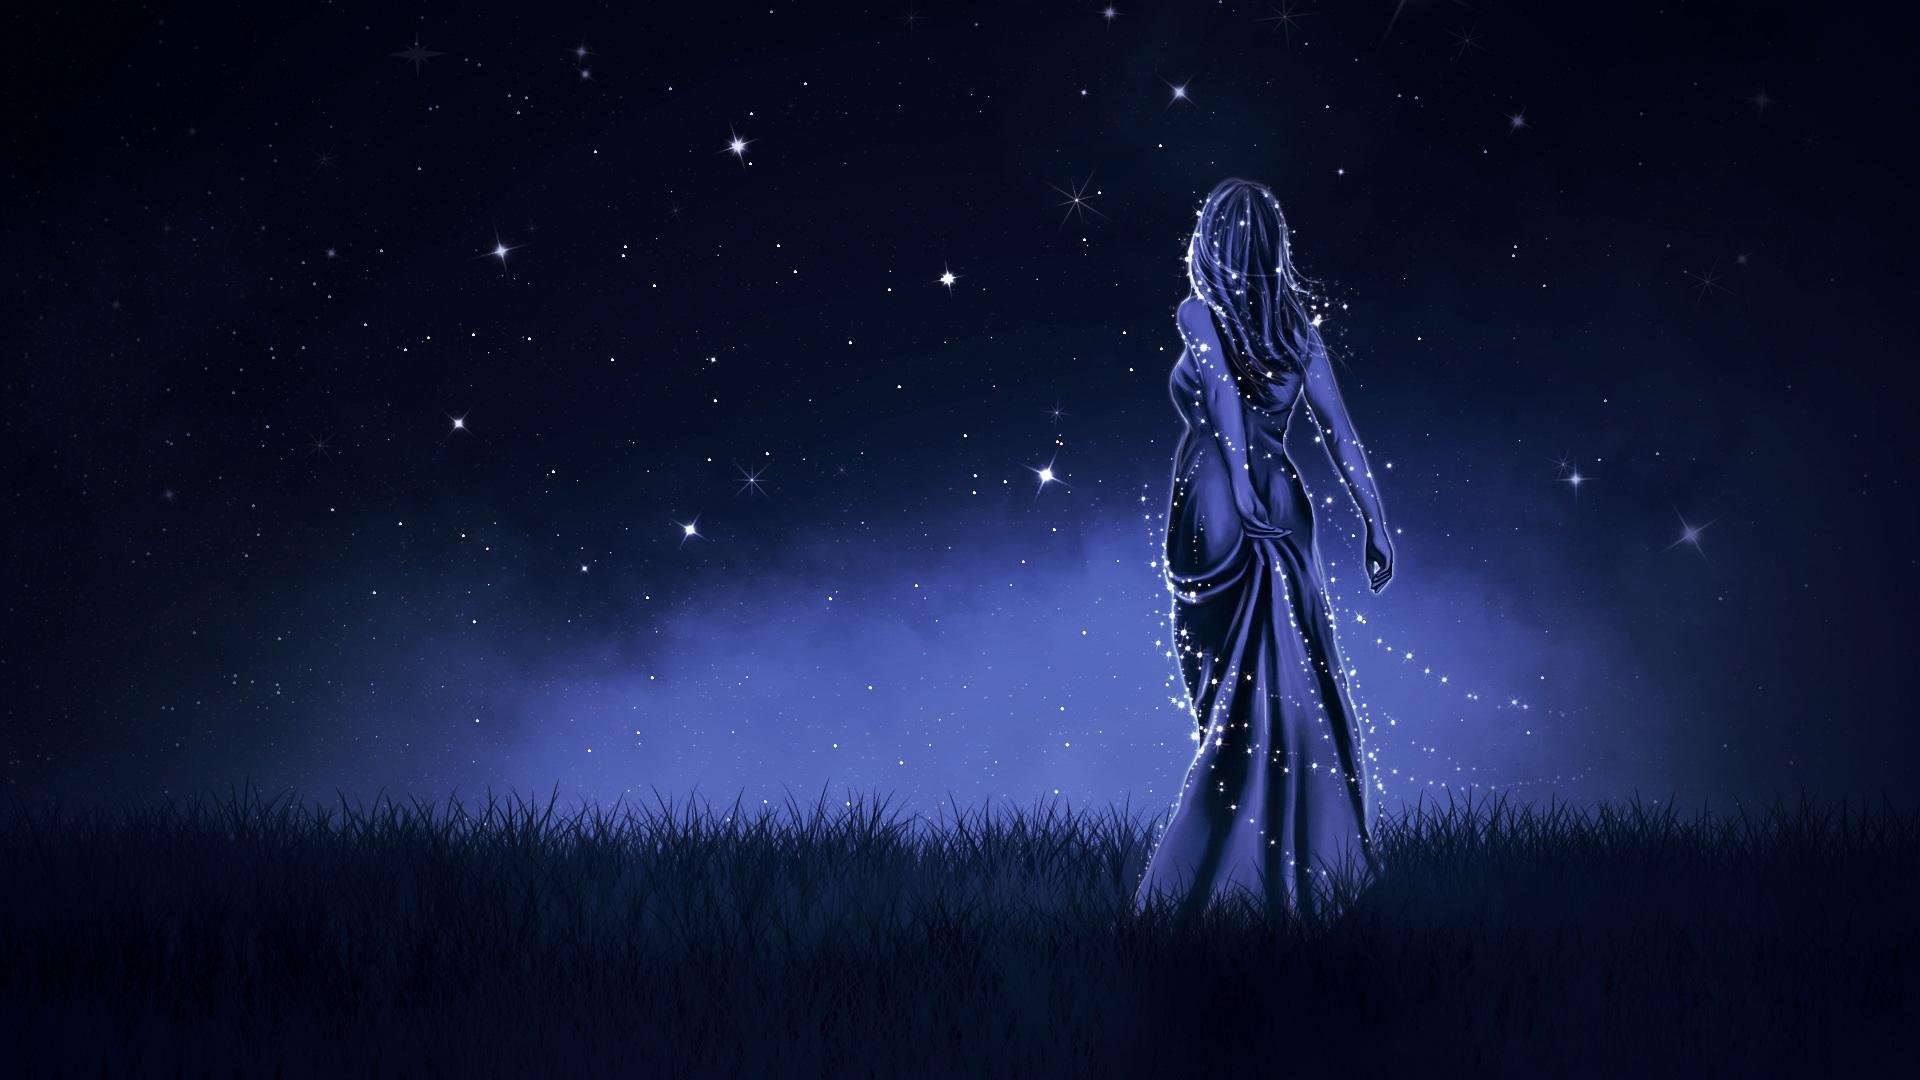 девочка, ночь, Небо, Звезда, платье - Обои HD - Профессор falken.com